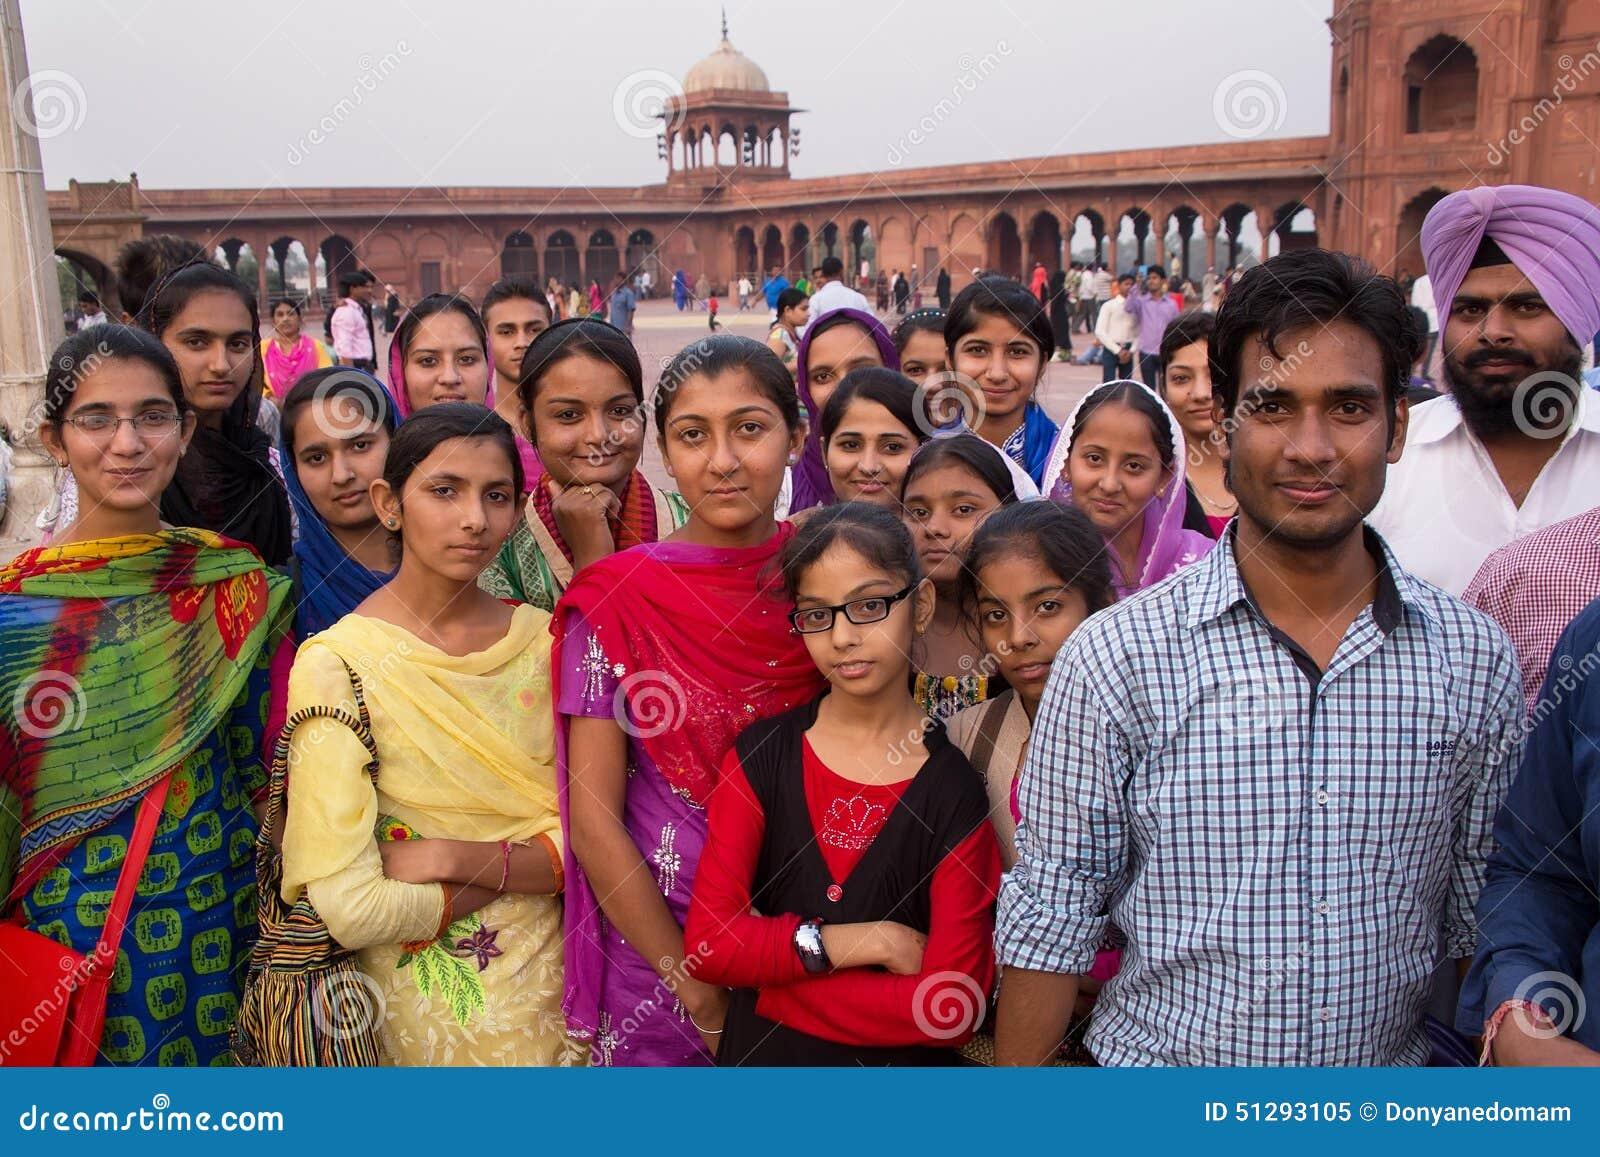 Grupp människoranseende på Jama Masjid i Delhi, Indien